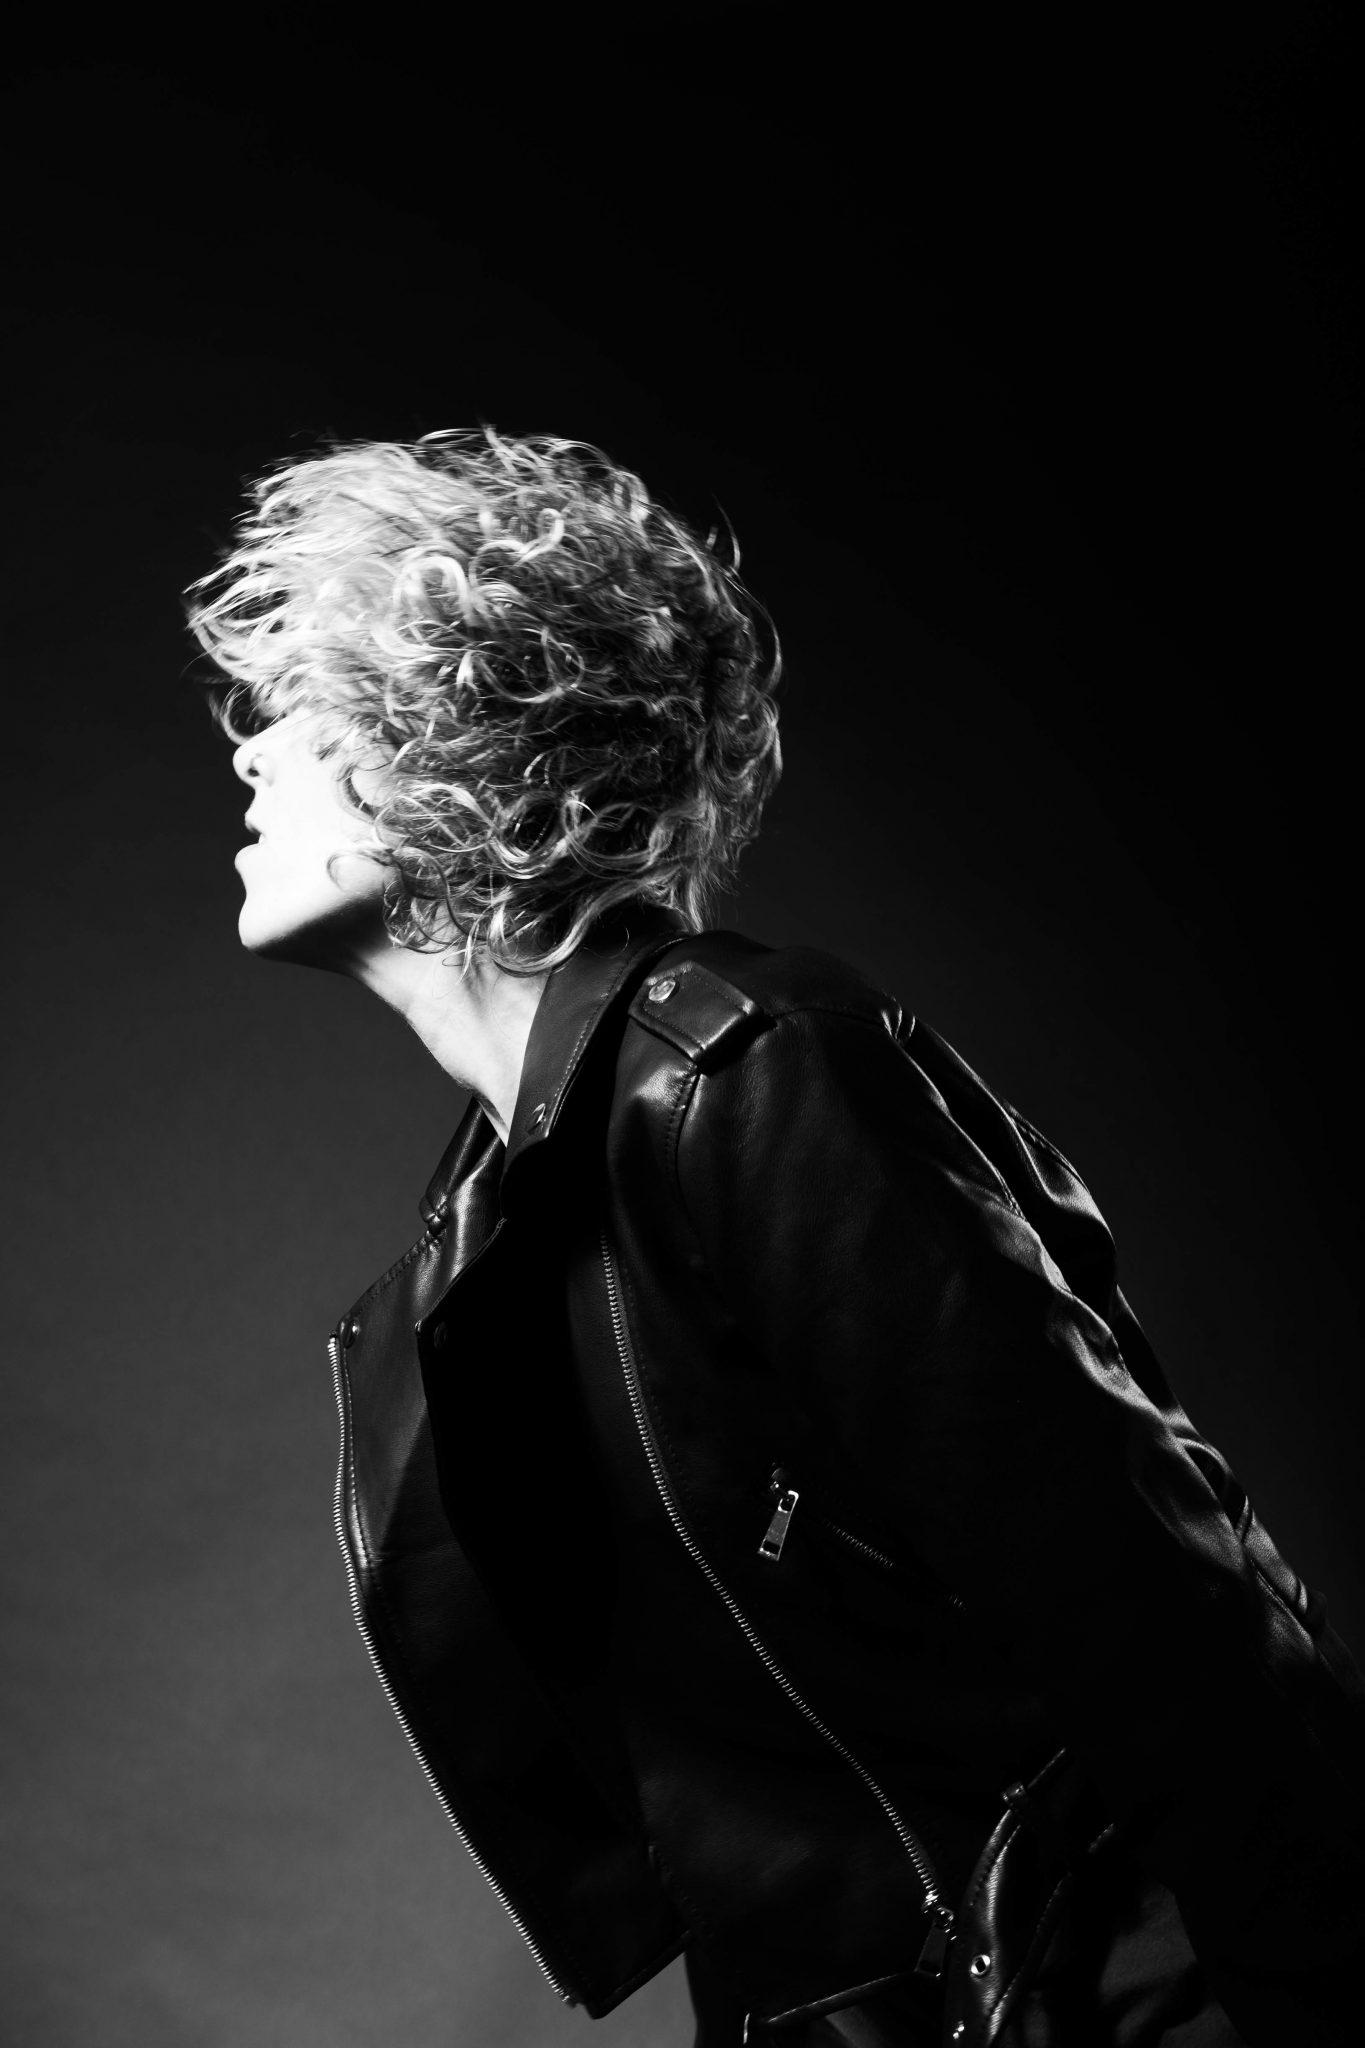 Foto marta fabregat blanco y negro